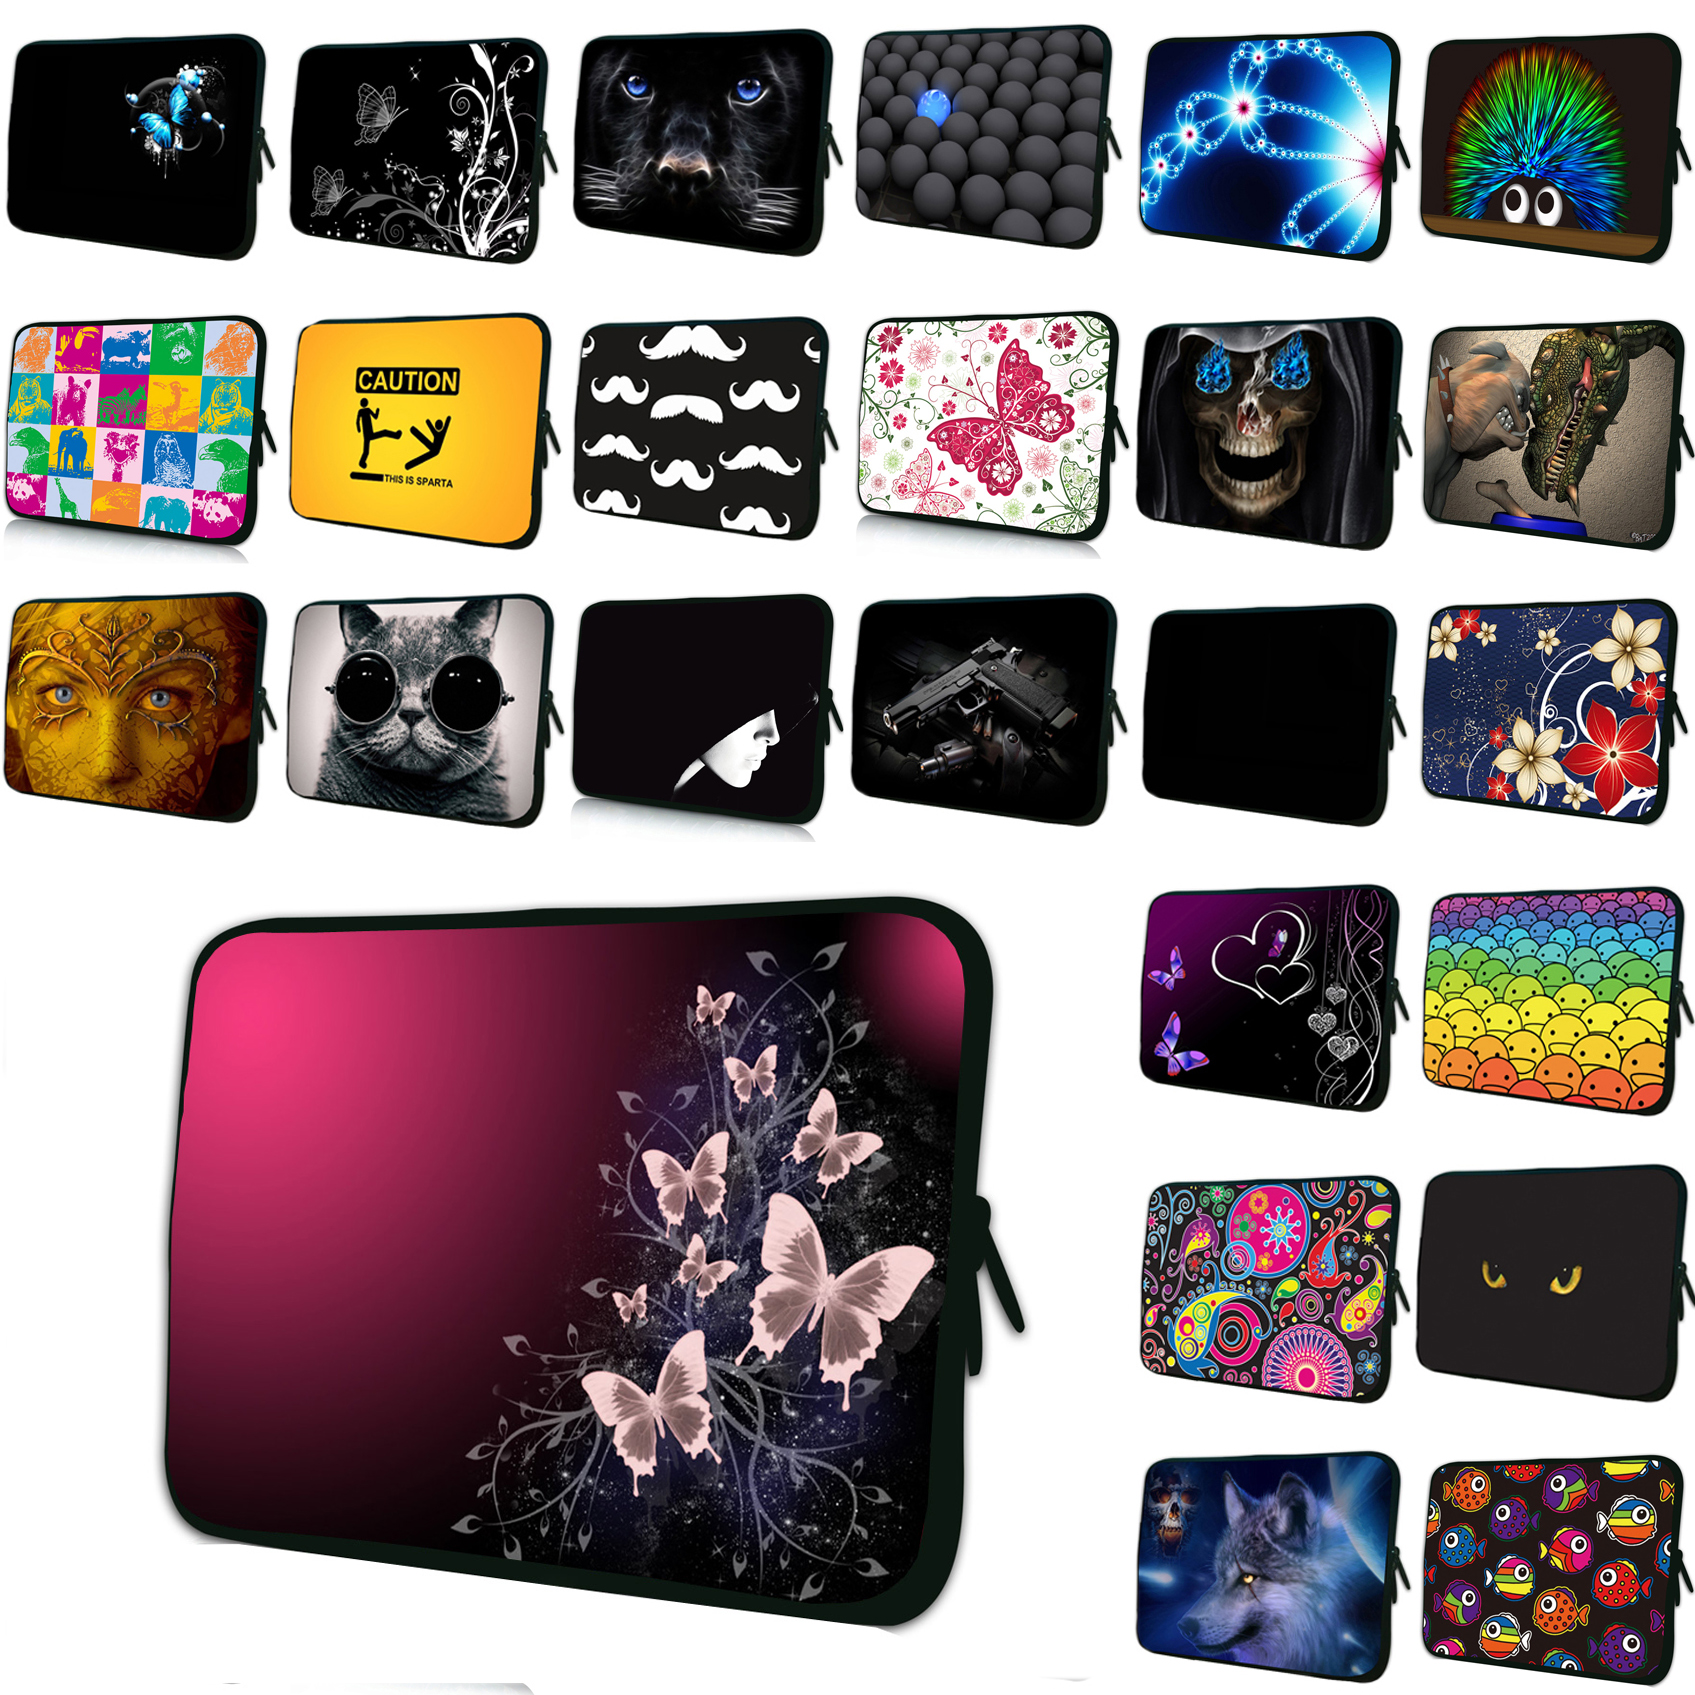 Notebook Komputer Tas Untuk Wanita 15 Neoprene Laptop Bag 15 6 15 4 15 3 inch Ultra Slim Shell Tas Kasus Untuk Chuwi LapBook 15 6